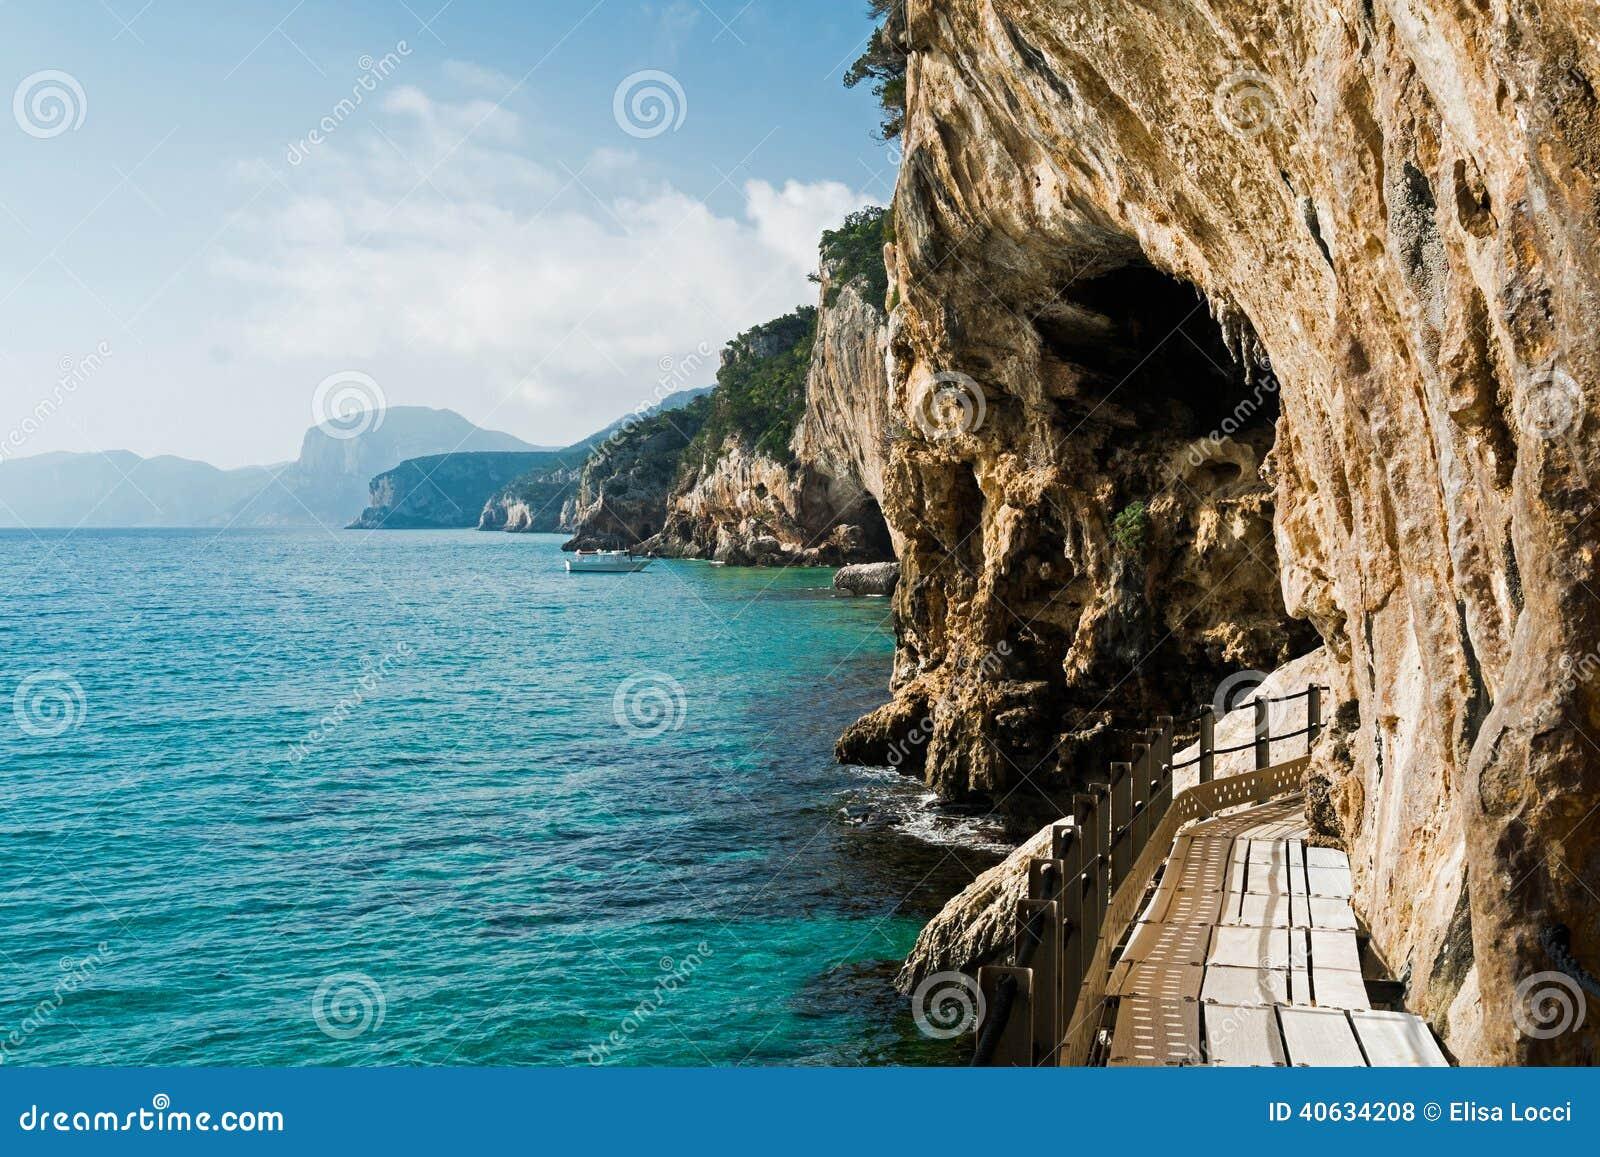 Cala Gonone Italy  city photos : Trail to grotta del Bue Marino in Cala Gonone, Sardinia, Italy.